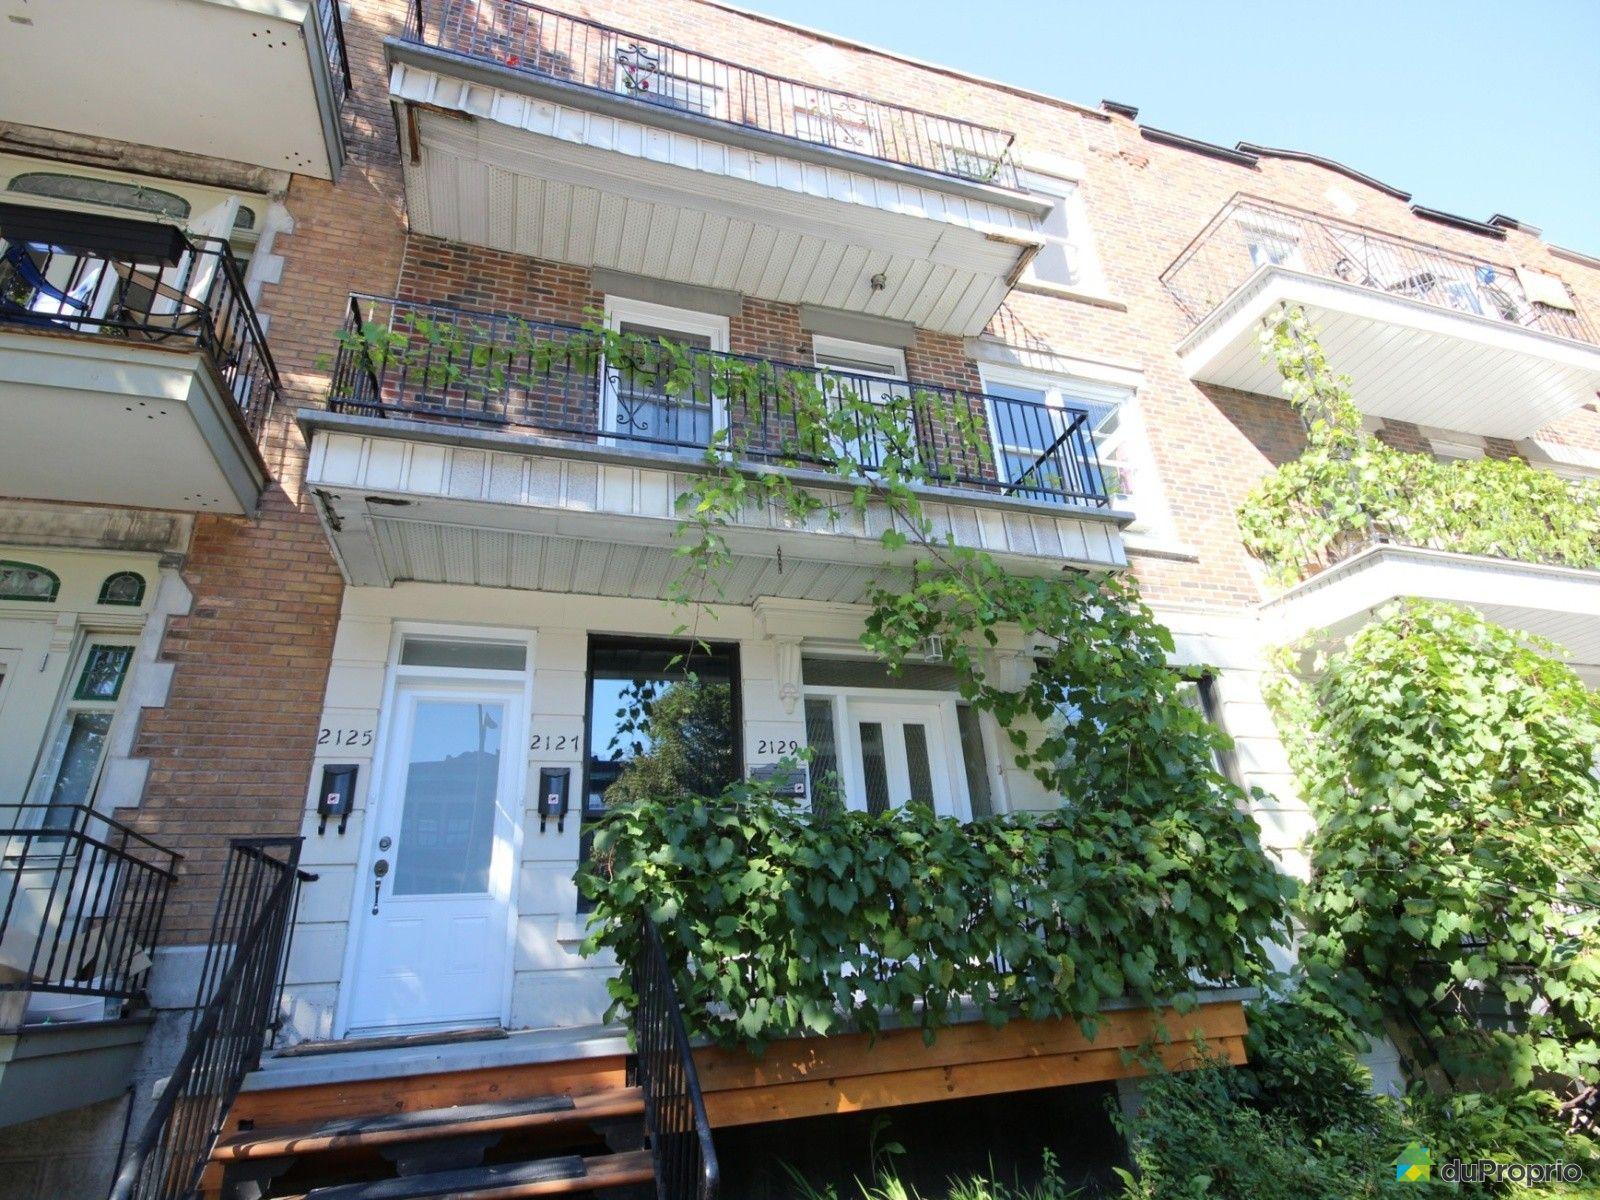 Condo vendre montr al 2129 boulevard saint joseph est for Boulevard exterieur